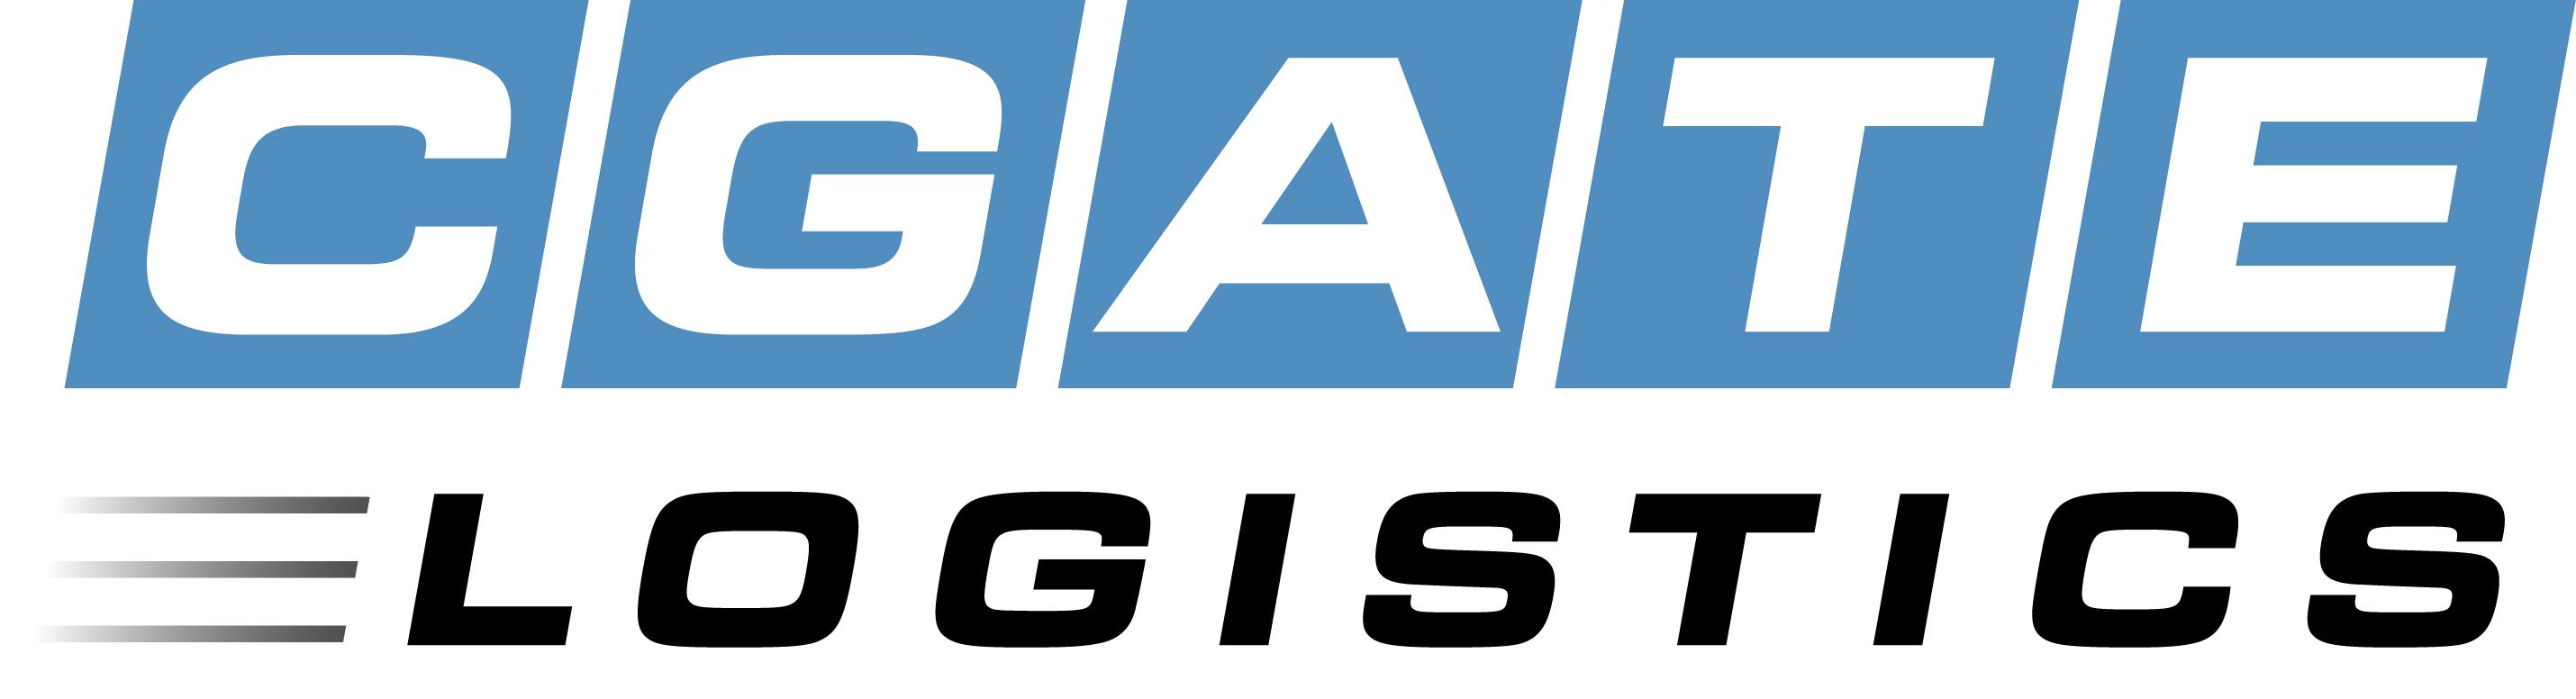 CGATE Logistics GmbH